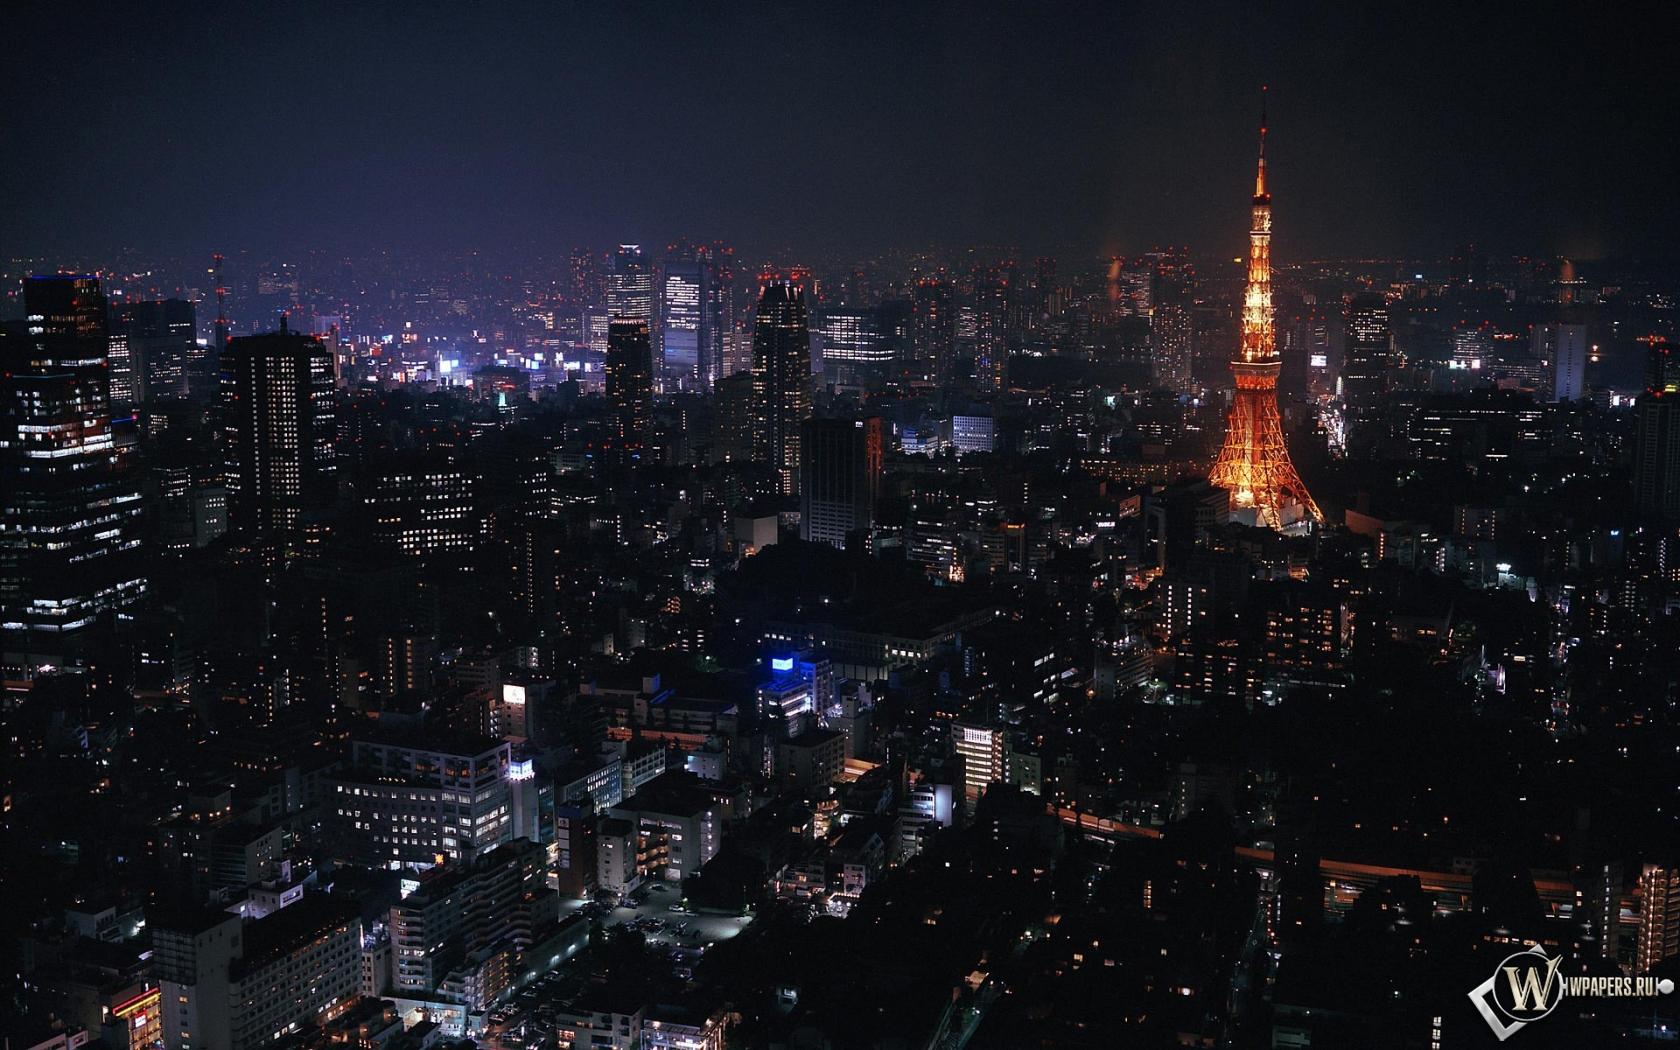 Токио ночью 1680x1050